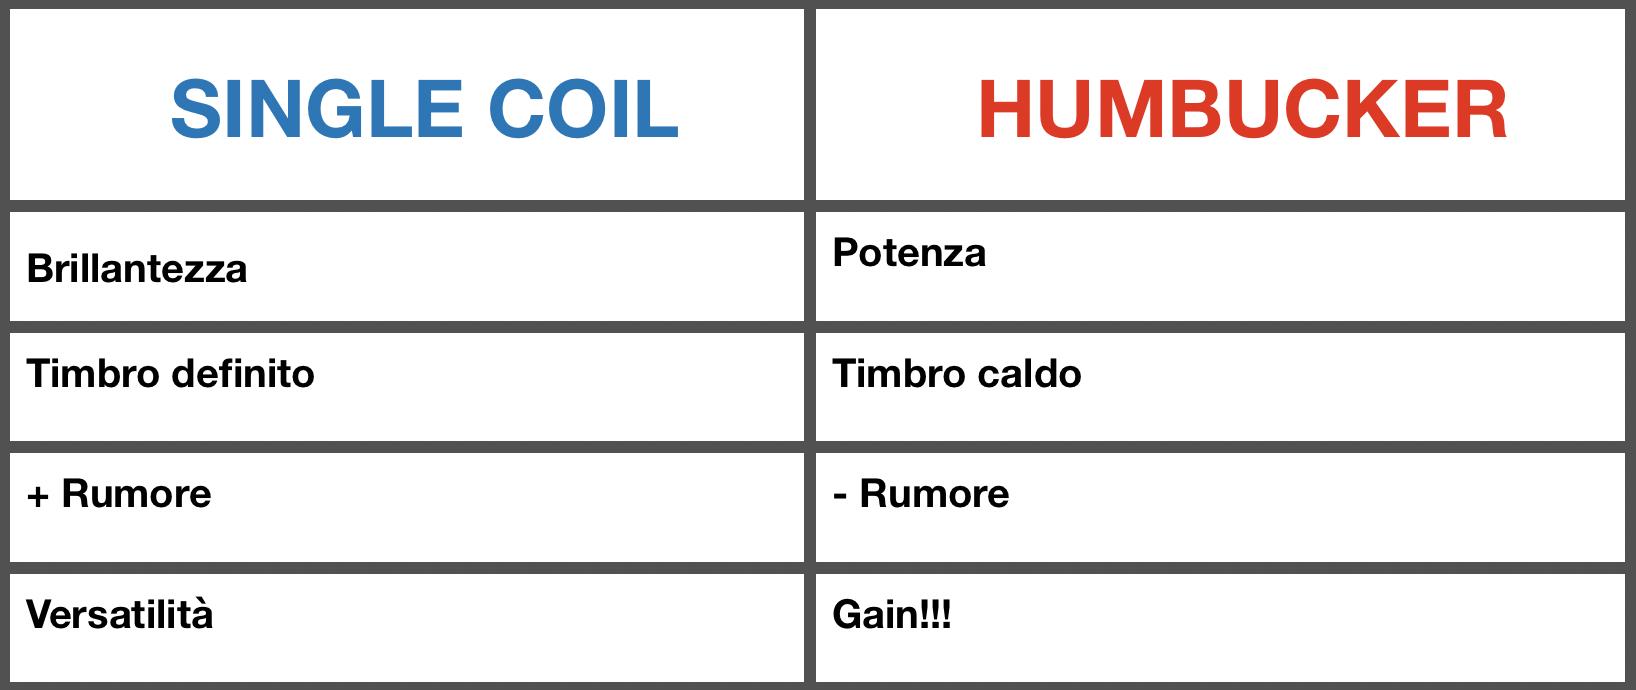 Schema caratteristiche Single Coil e Humbucker